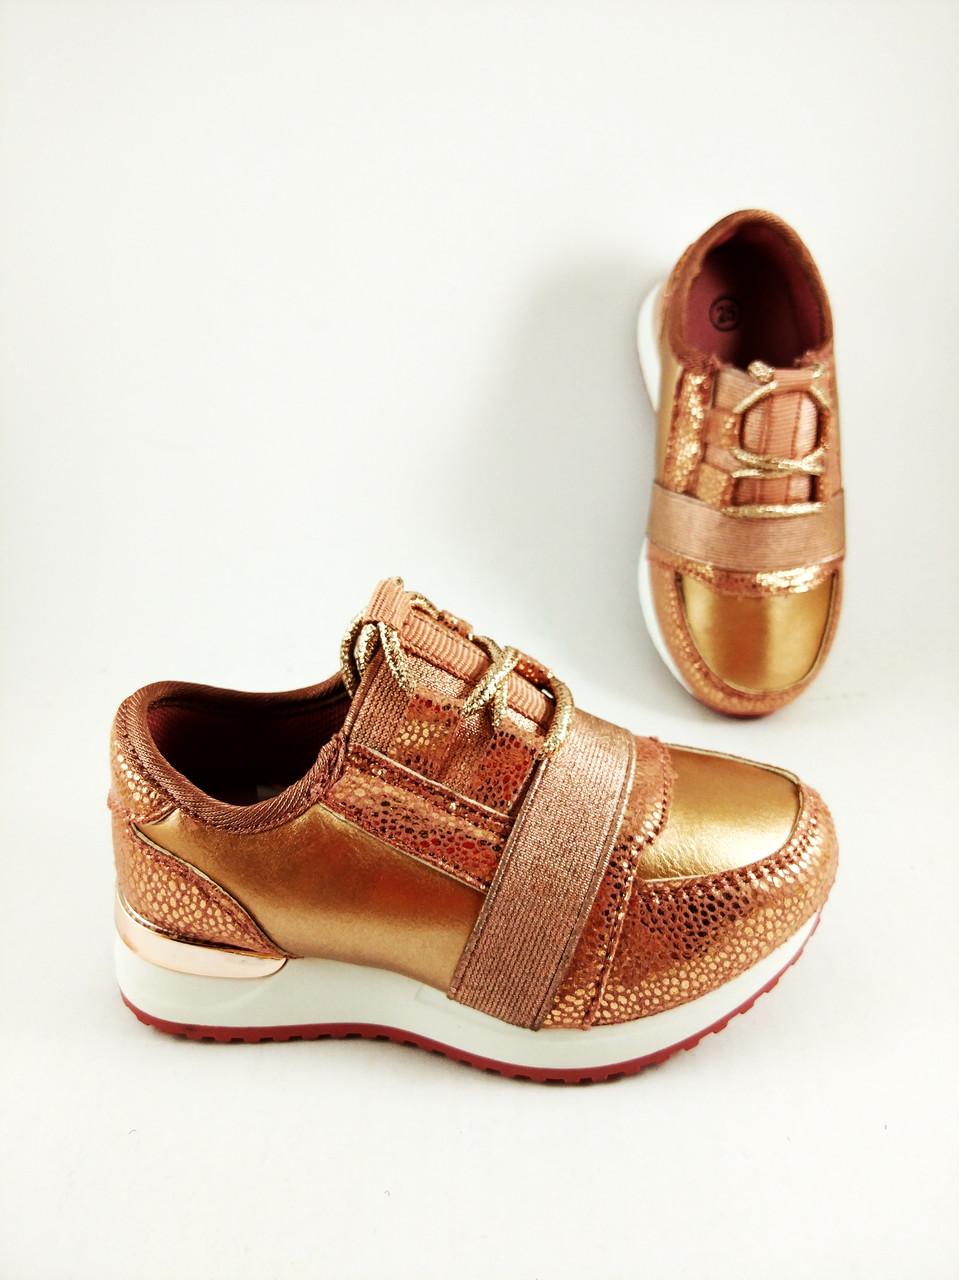 10a21648901ba Обувь для девочек, детские кроссовки розовые Clibee (Польша) - mioBambino Интернет  магазин детской